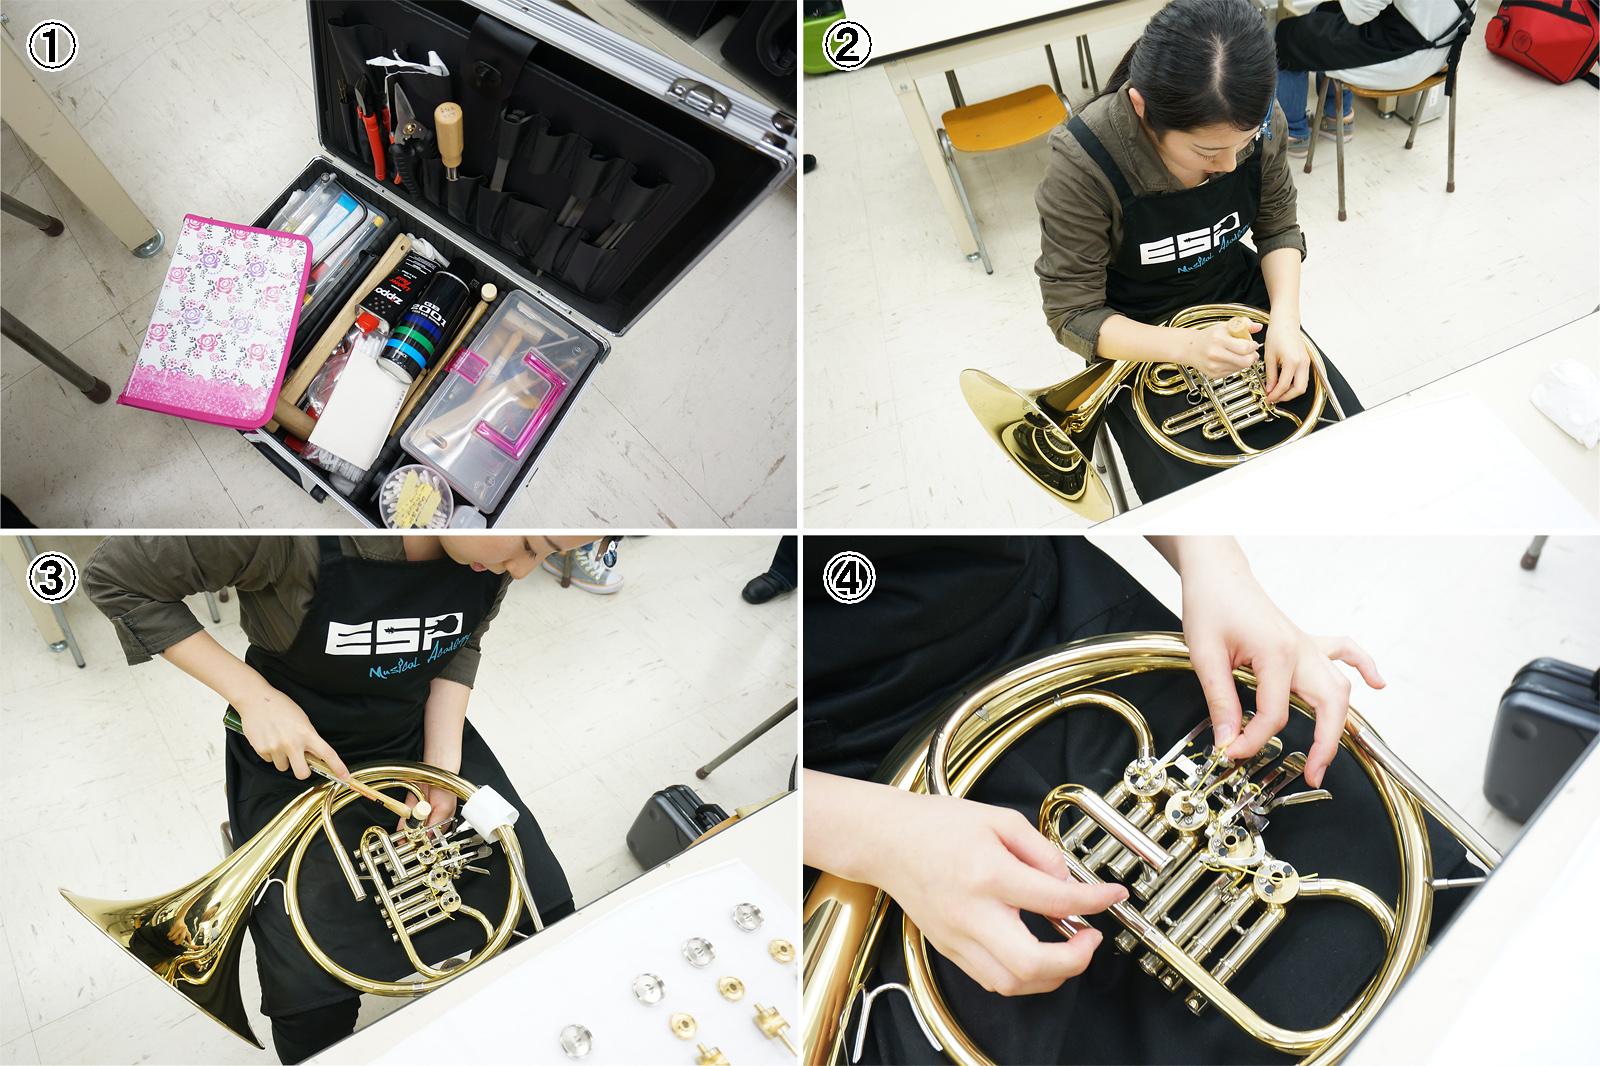 実習風景(高橋亜須香さん)|ESPミュージカルアカデミー管楽器リペア科